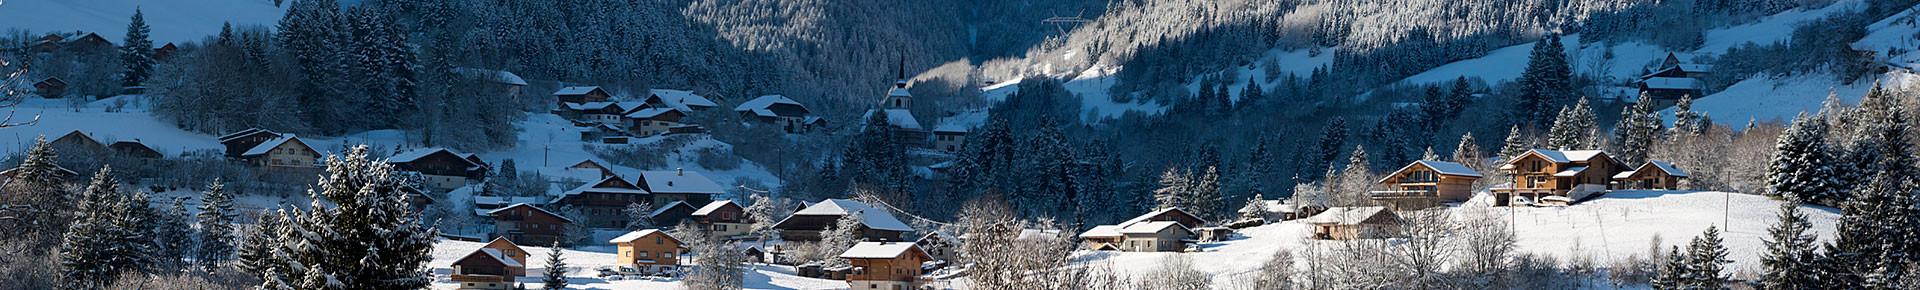 Le village de Seytroux en hiver